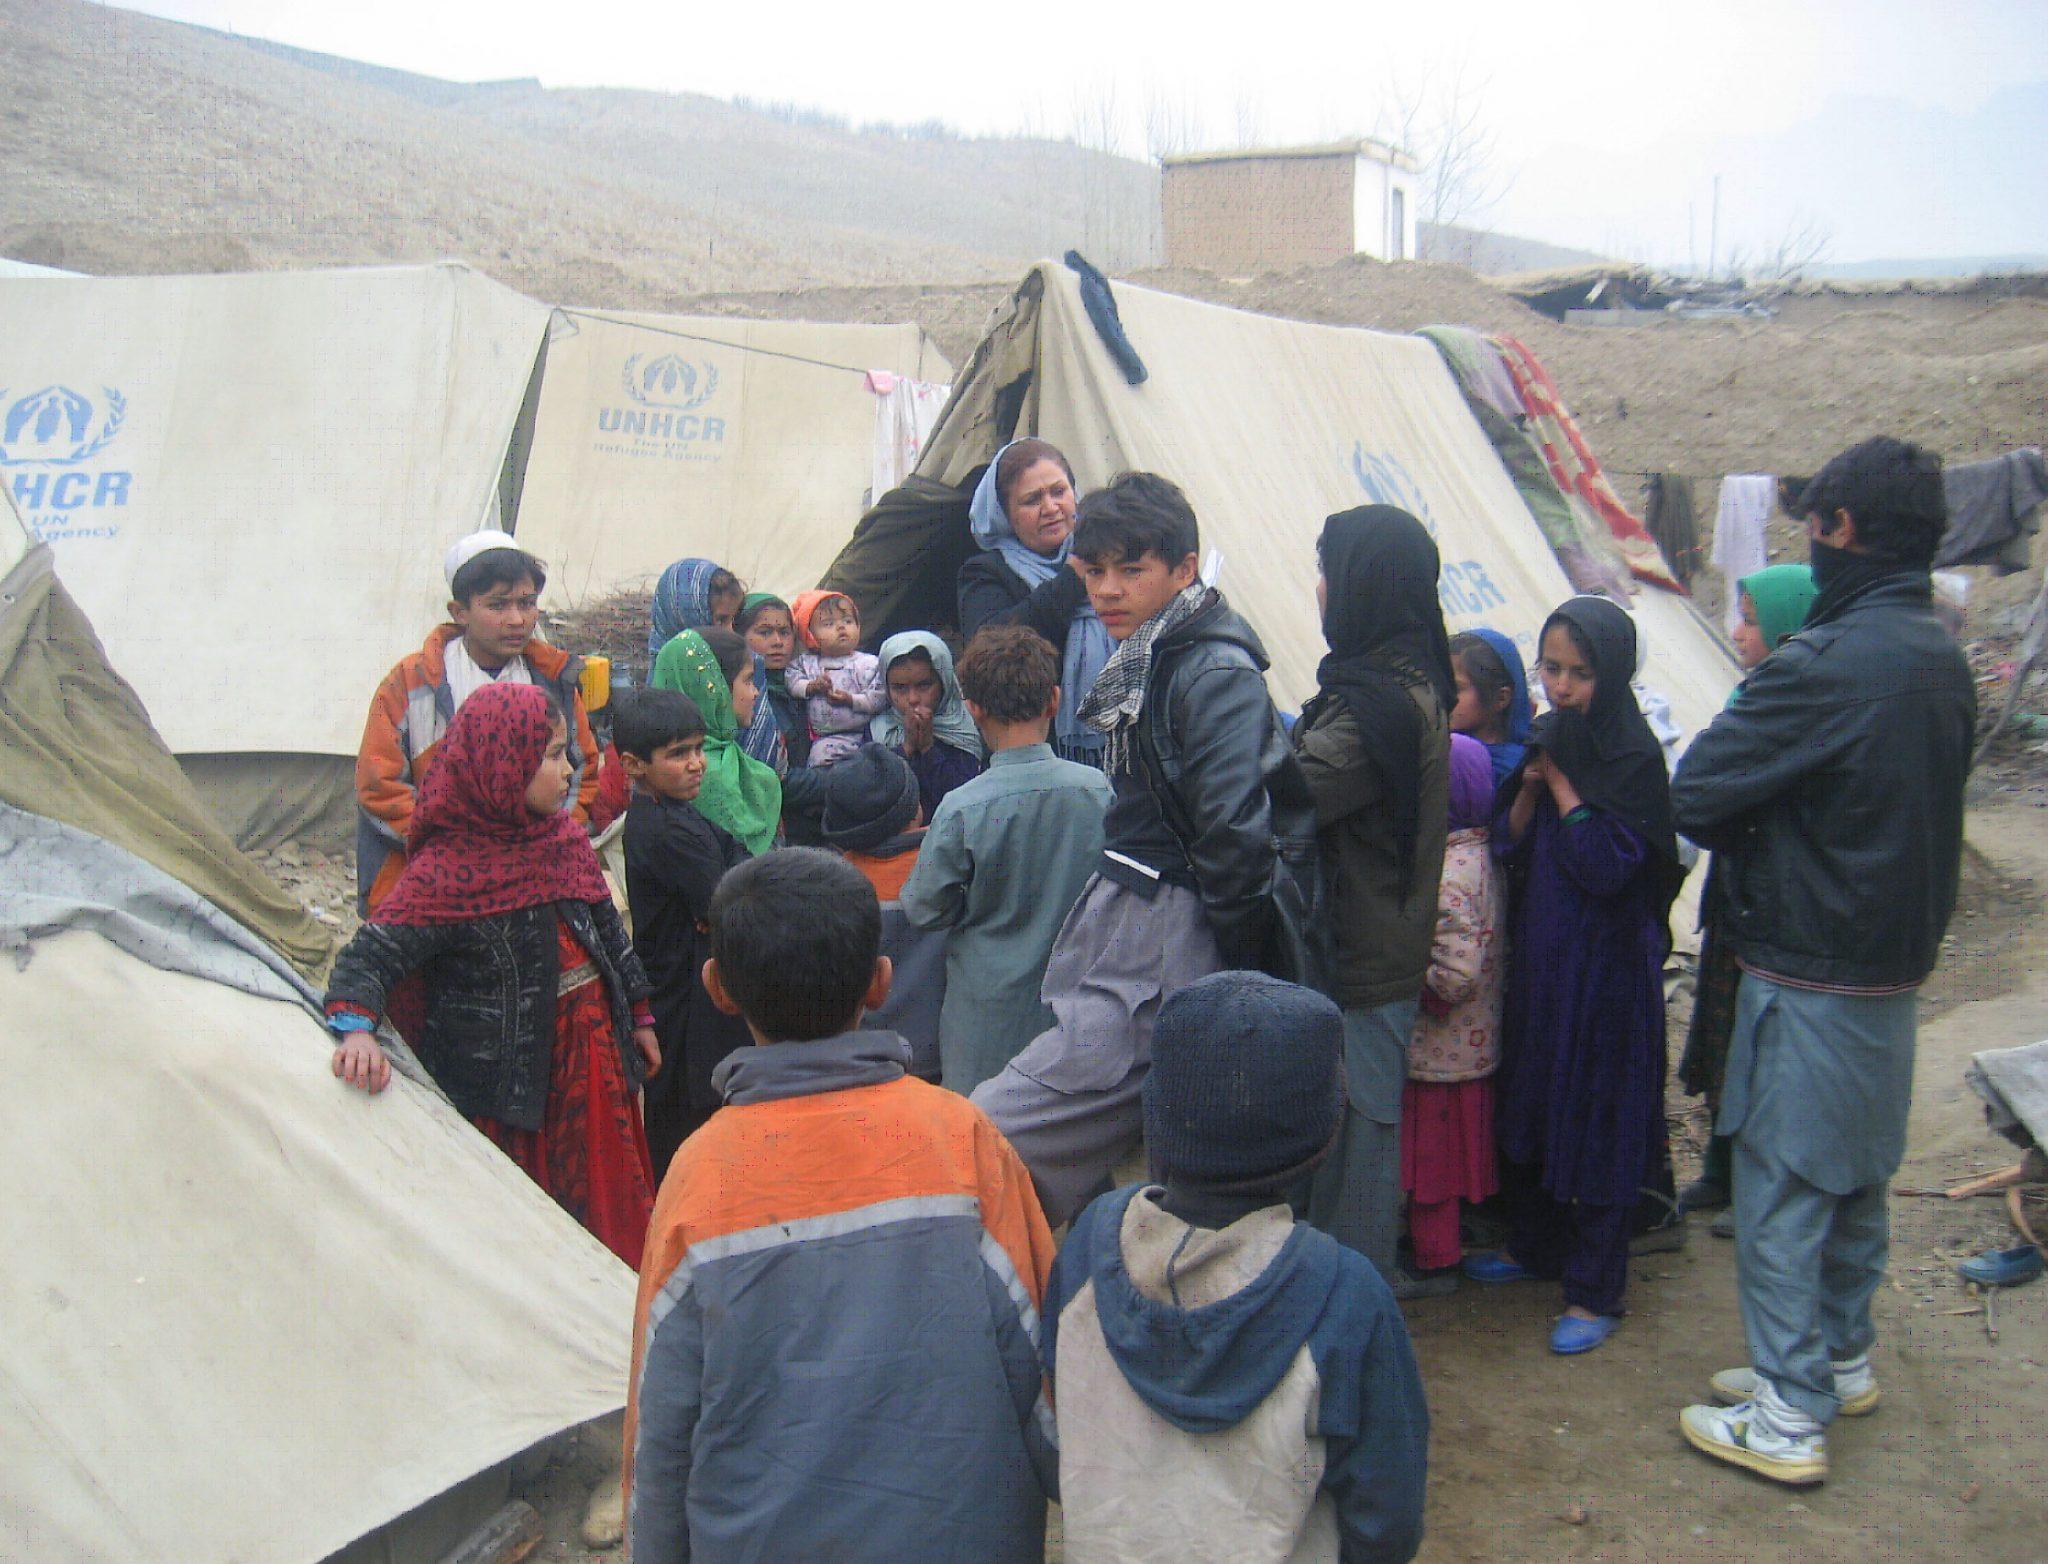 بیجا شده - توزیع کمک های نقدی برای ۴۰۰ خانواده بیجا شده در ولایت جوزجان